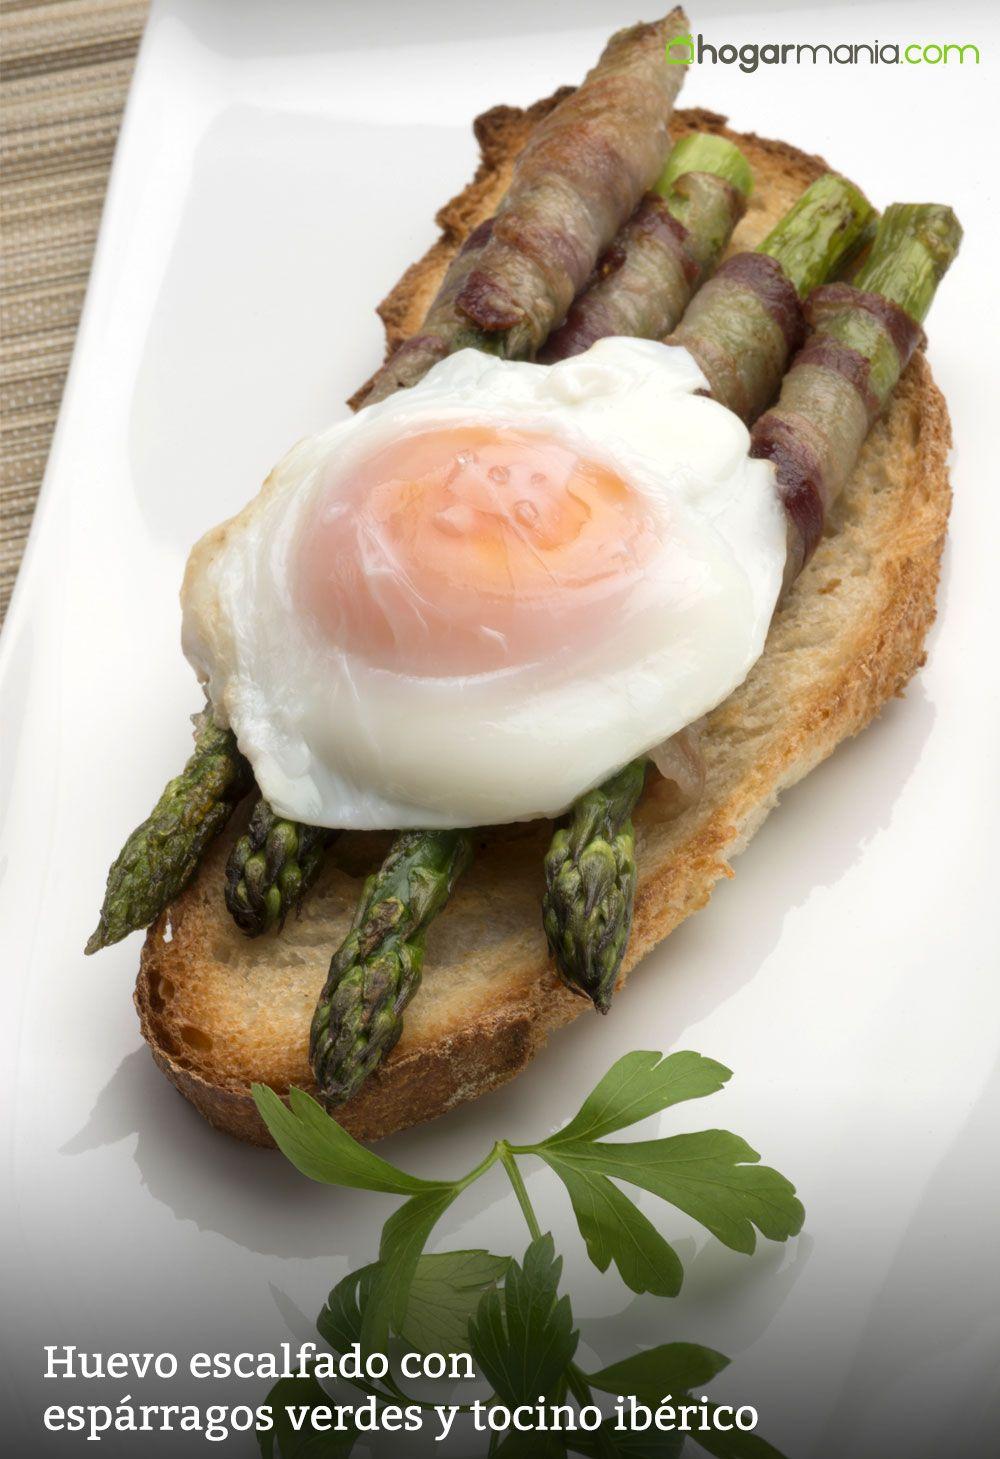 Huevo escalfado con espárragos verdes y tocino ibérico